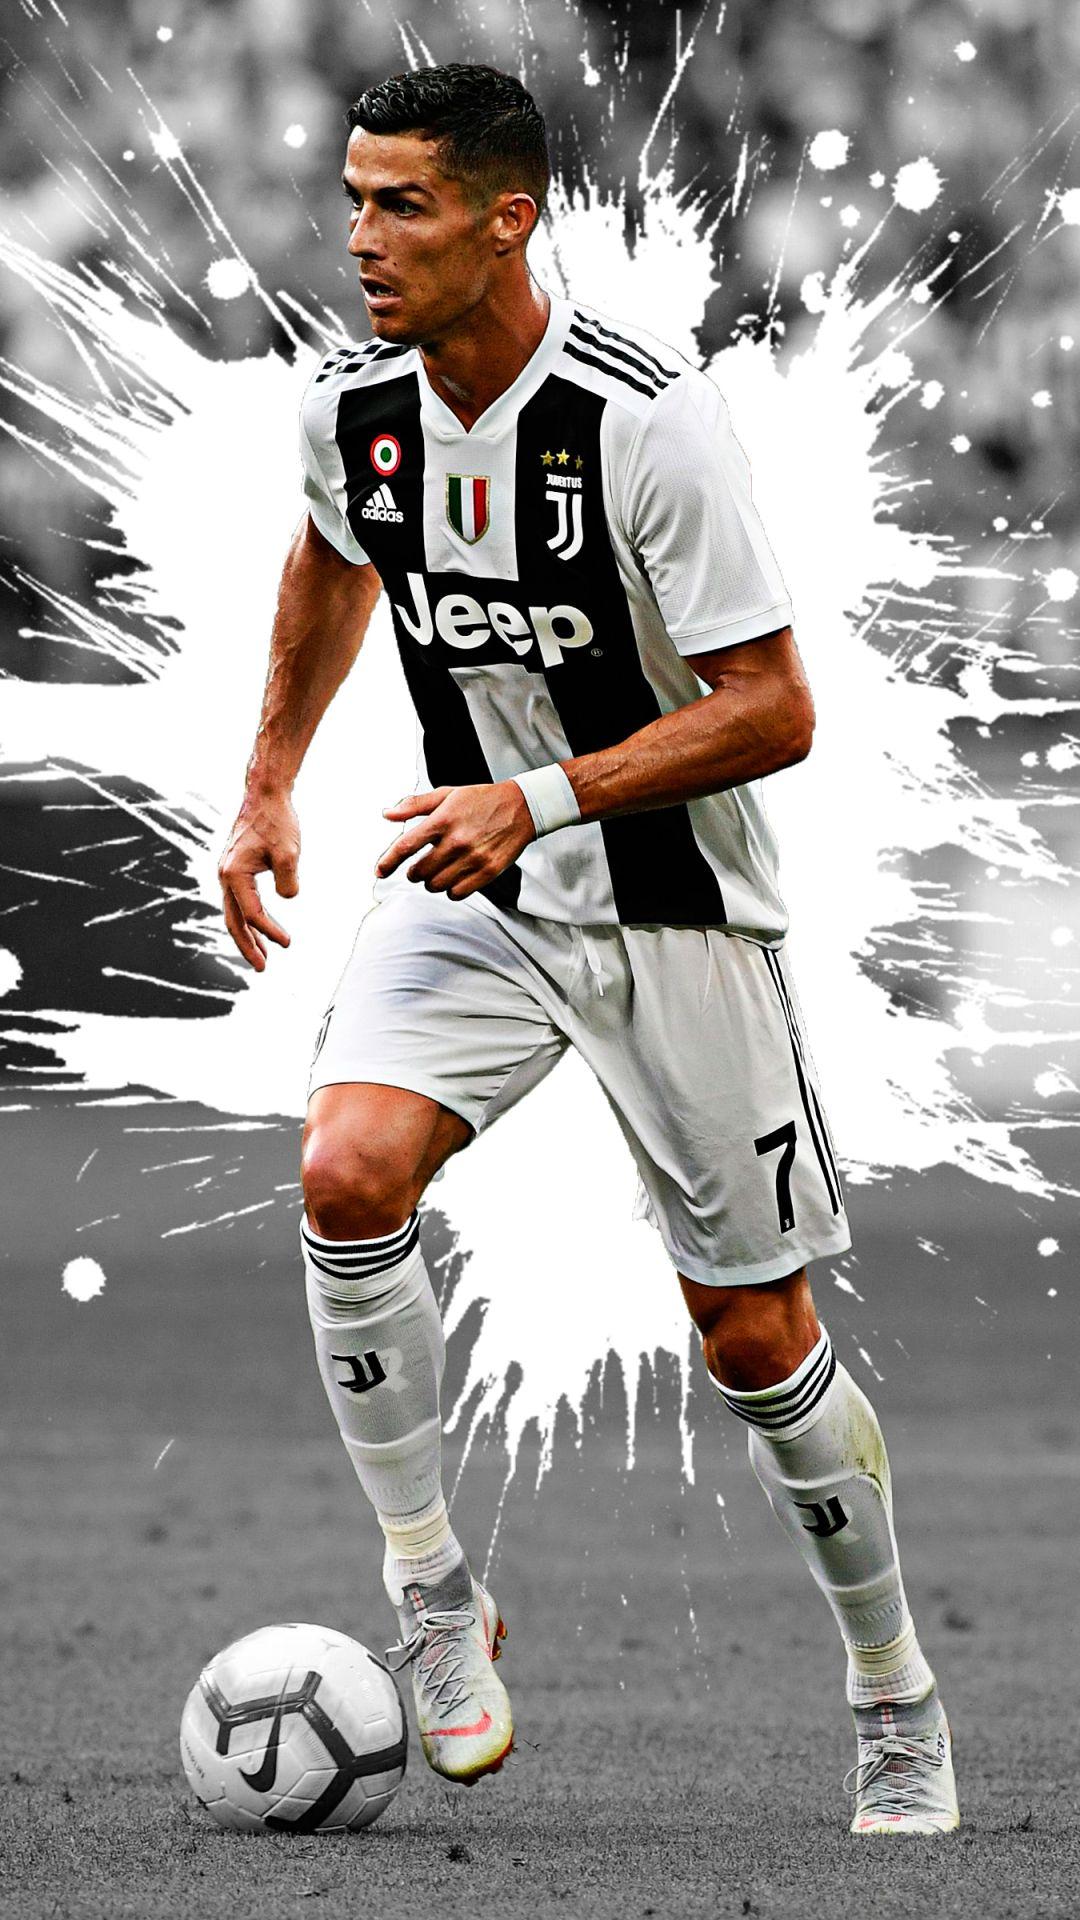 Sports / Cristiano Ronaldo (1080x1920) Mobile Wallpaper